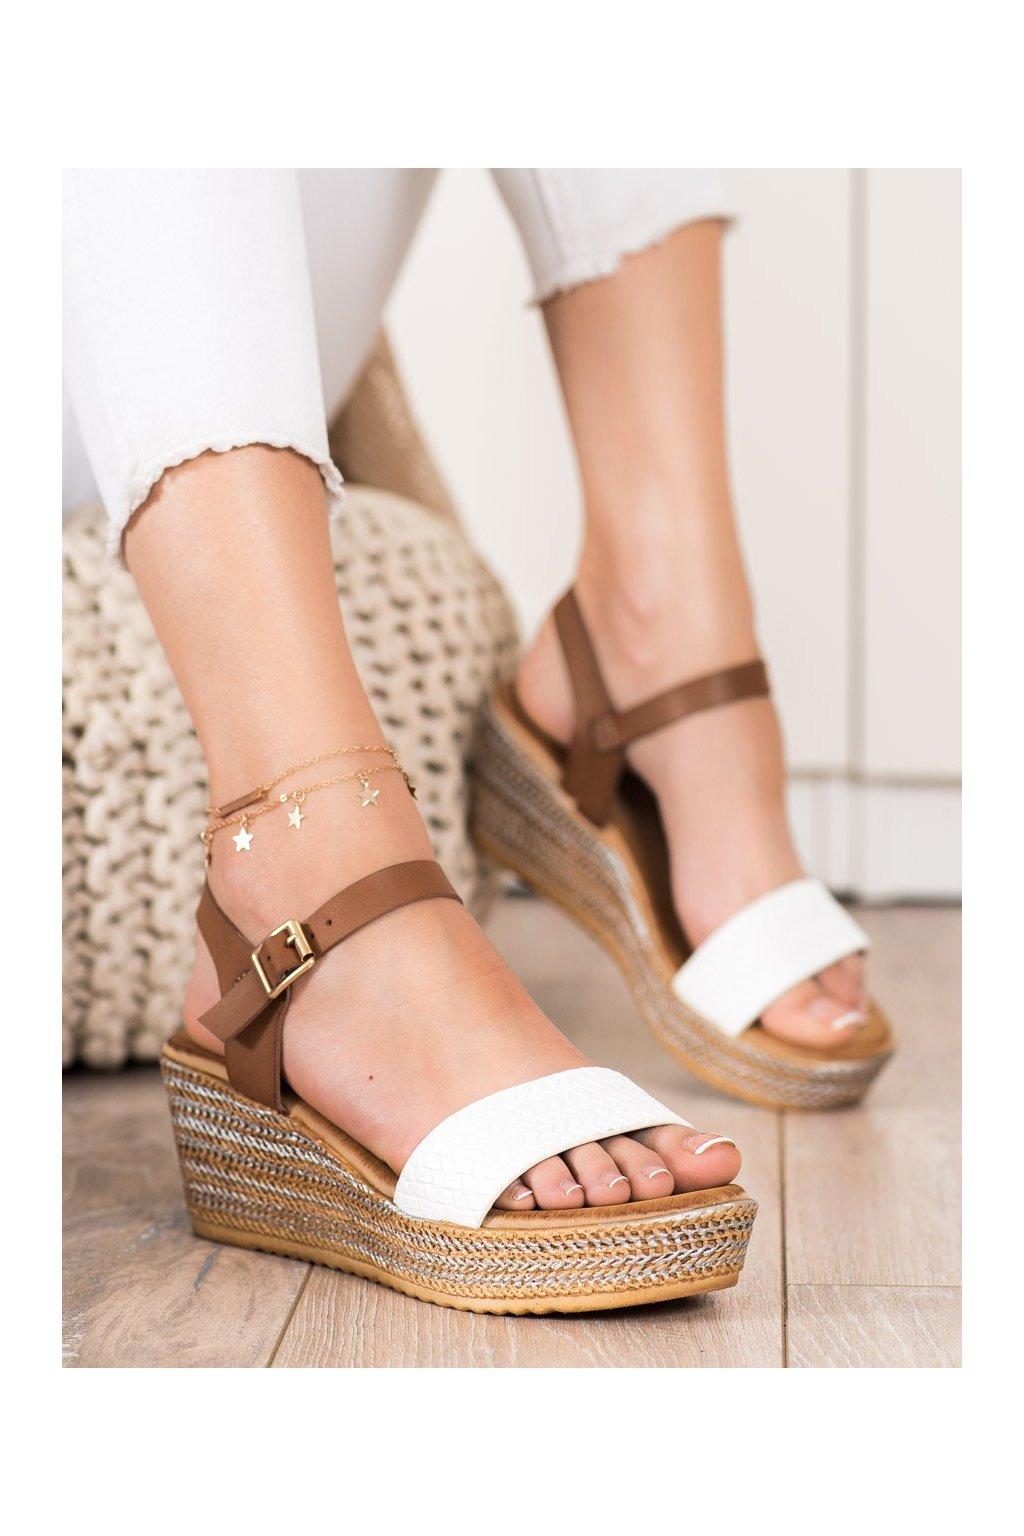 Biele sandále Bona kod 6508W